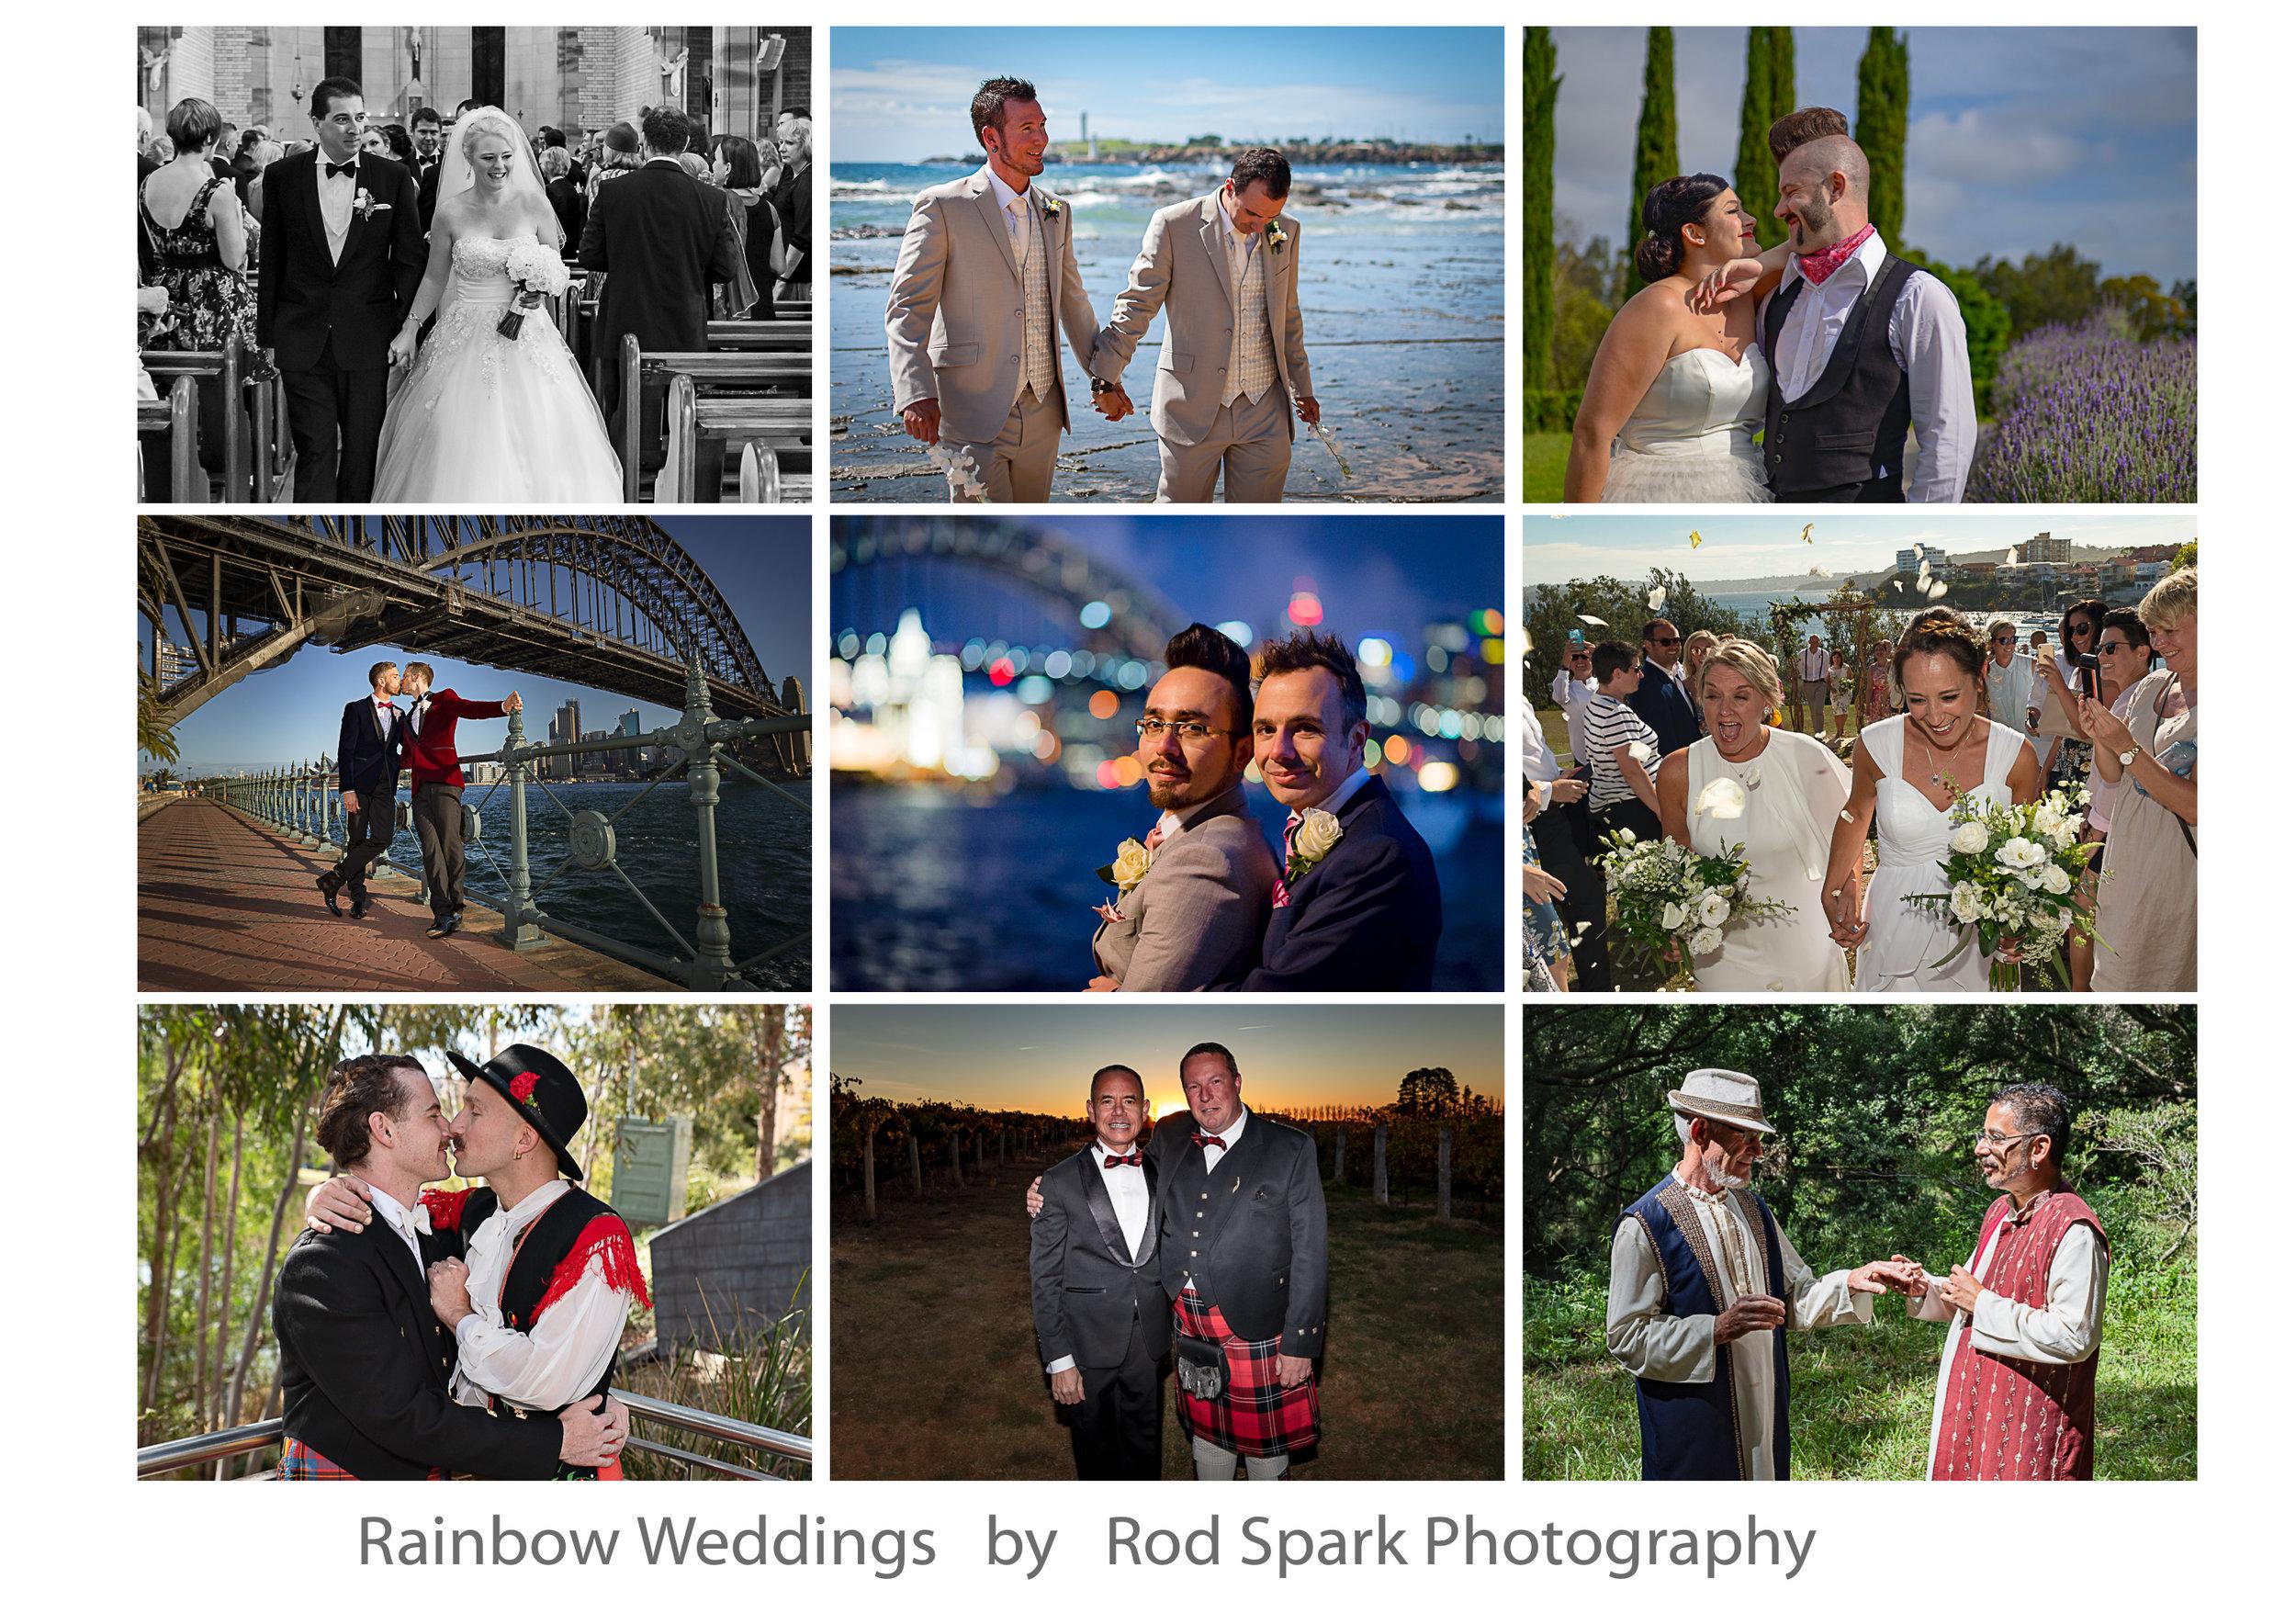 Rod Spark Photography.jpg